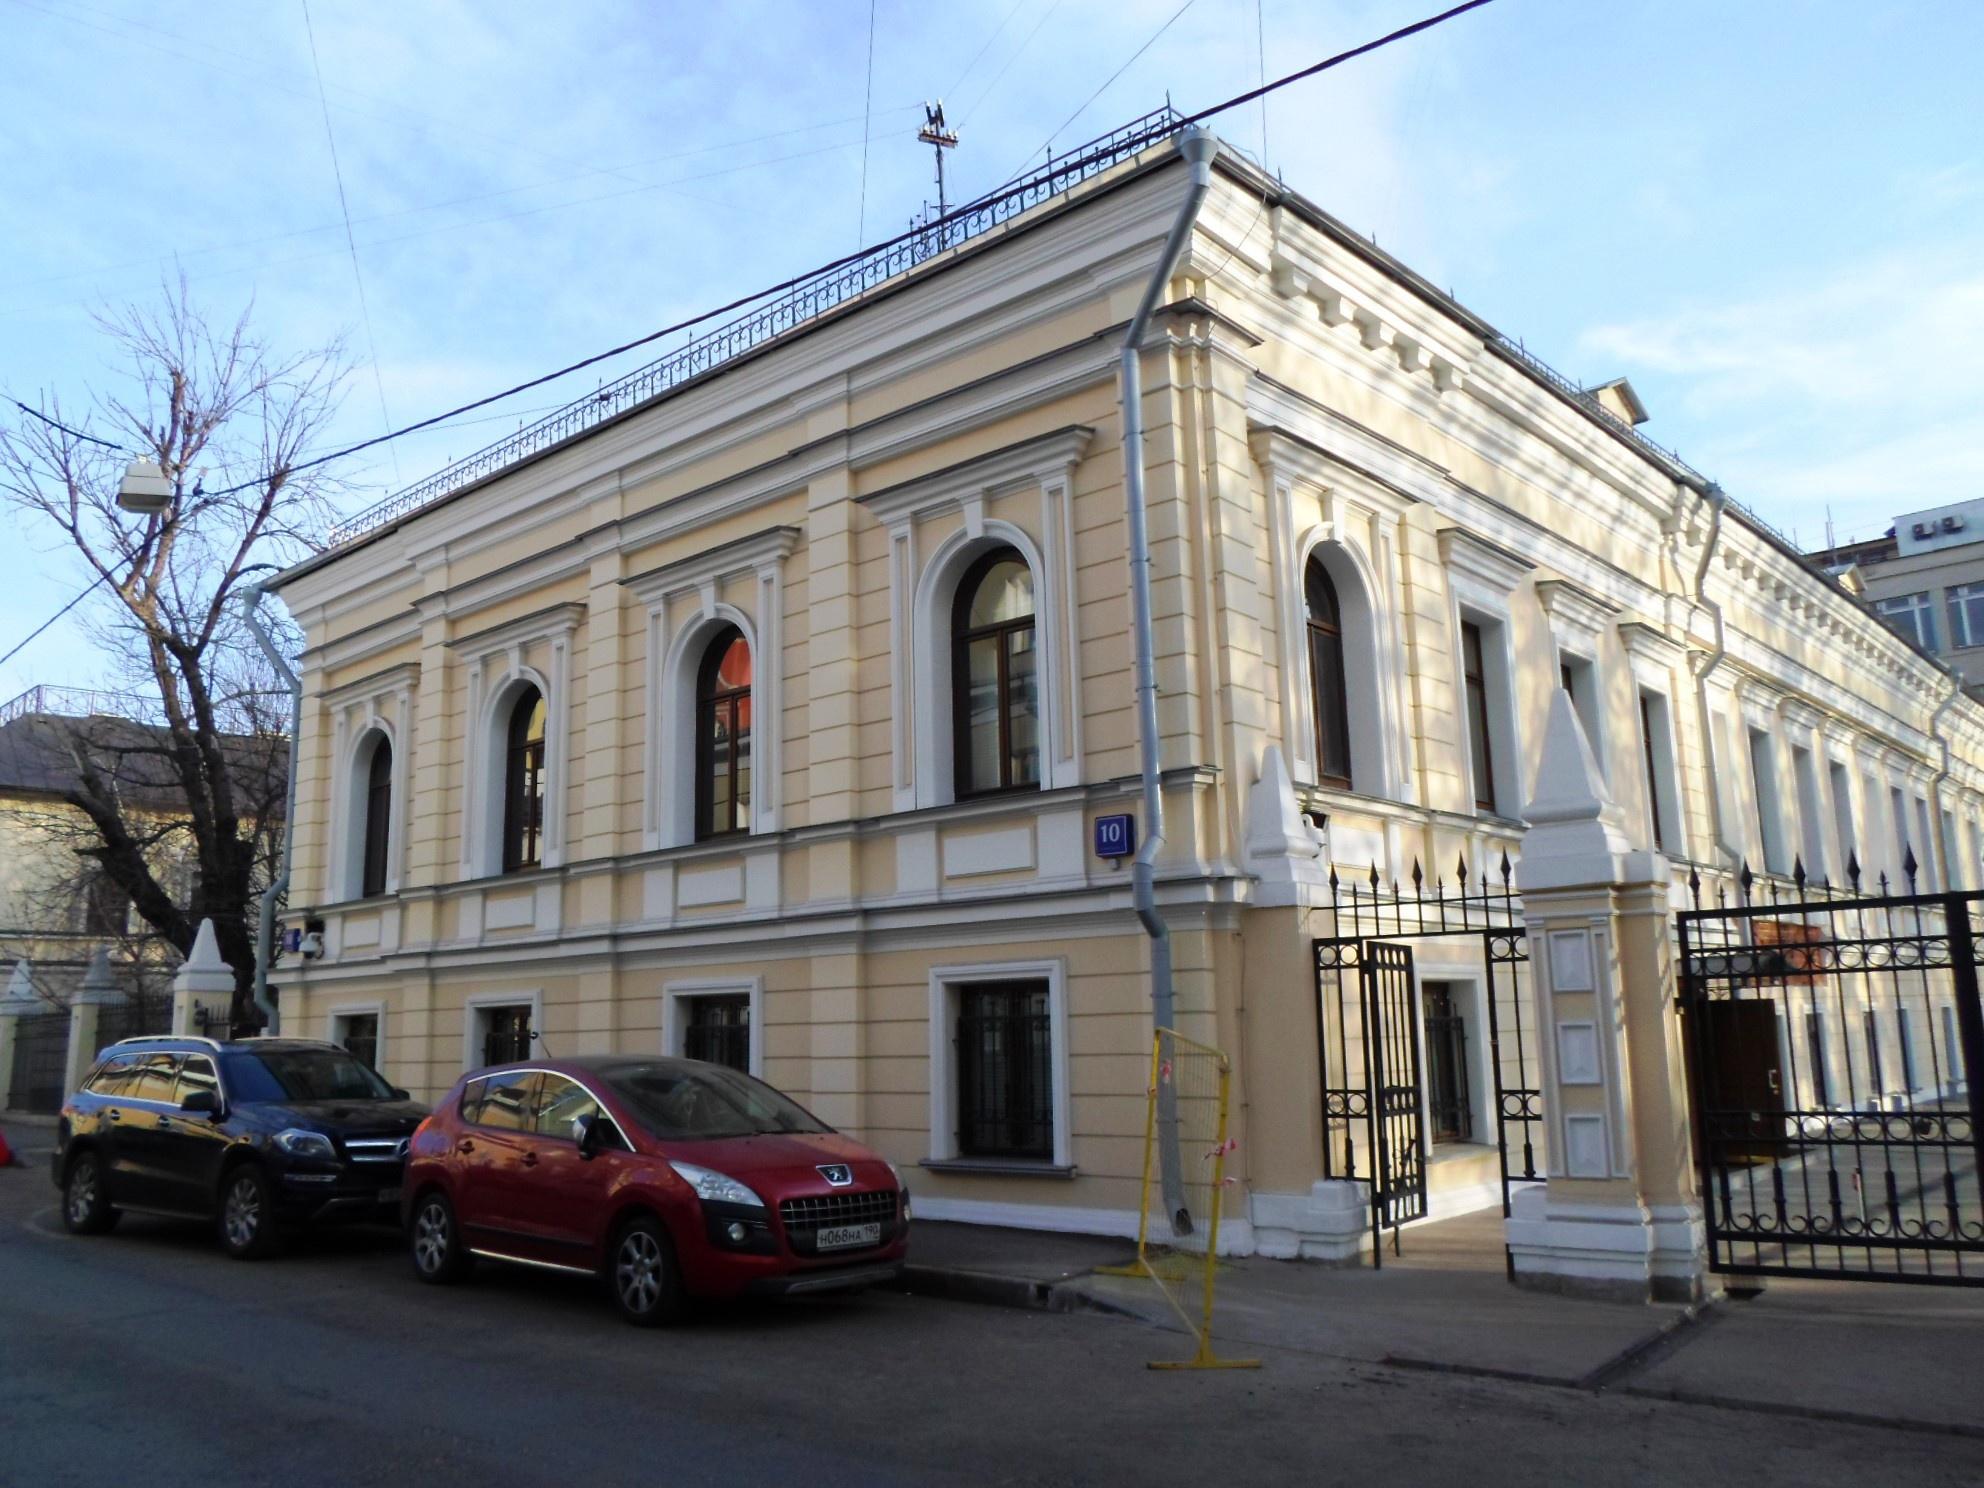 Академия здоровья больница 33 нижний новгород официальный сайт